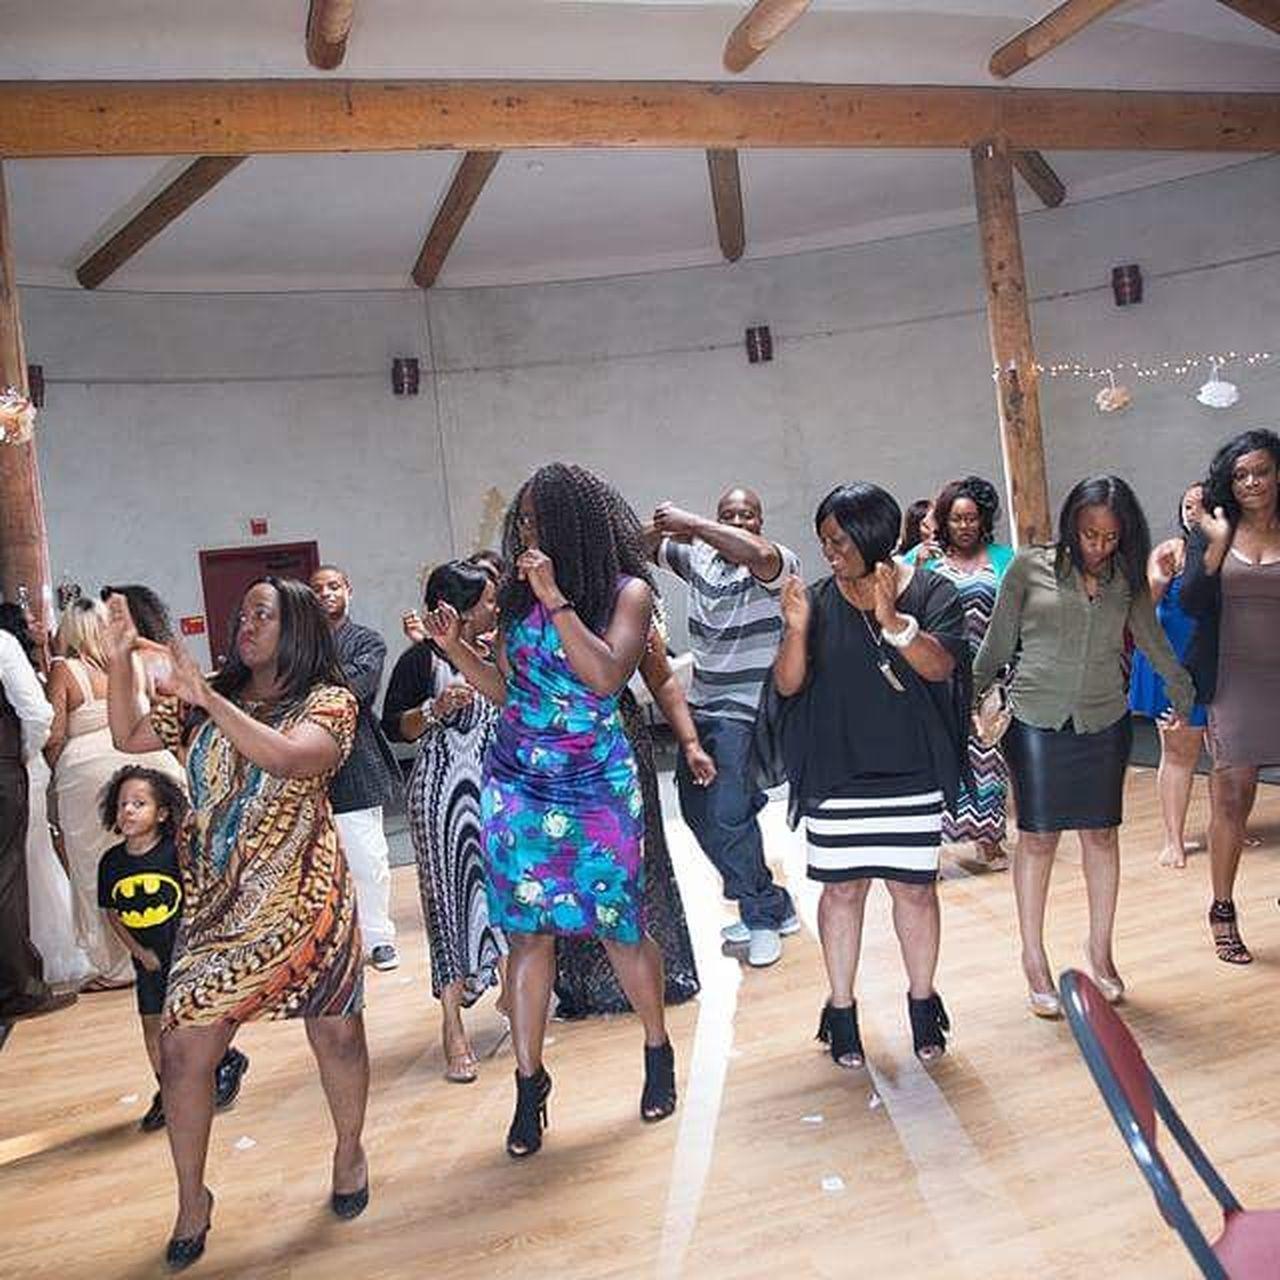 Dancing Fun Indoors  Medium Group Of People